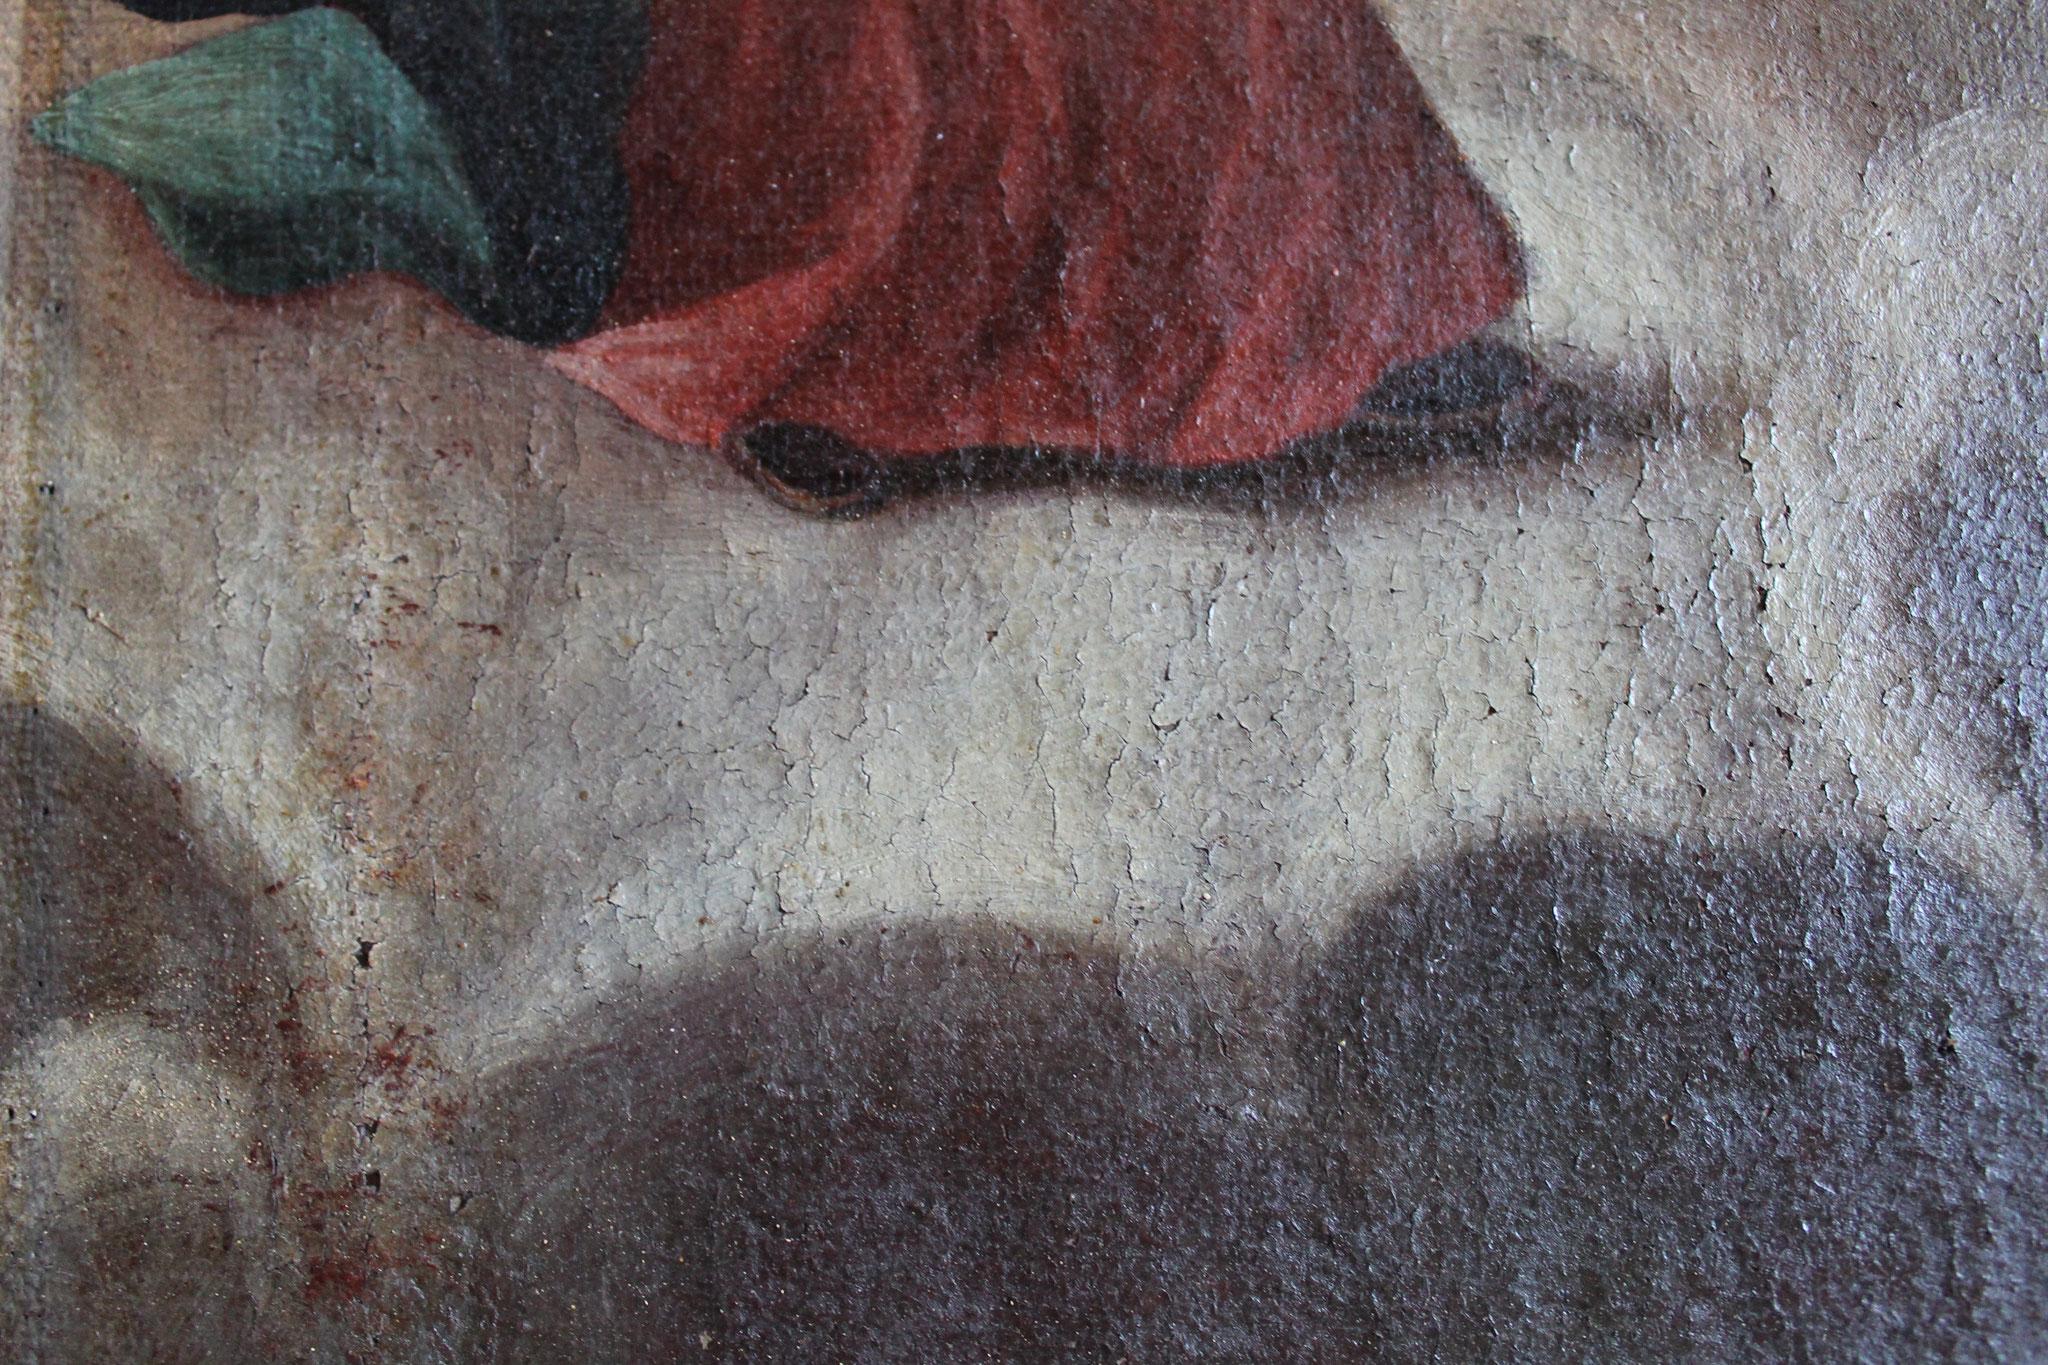 Aperçu de la couche picturale après nettoyage